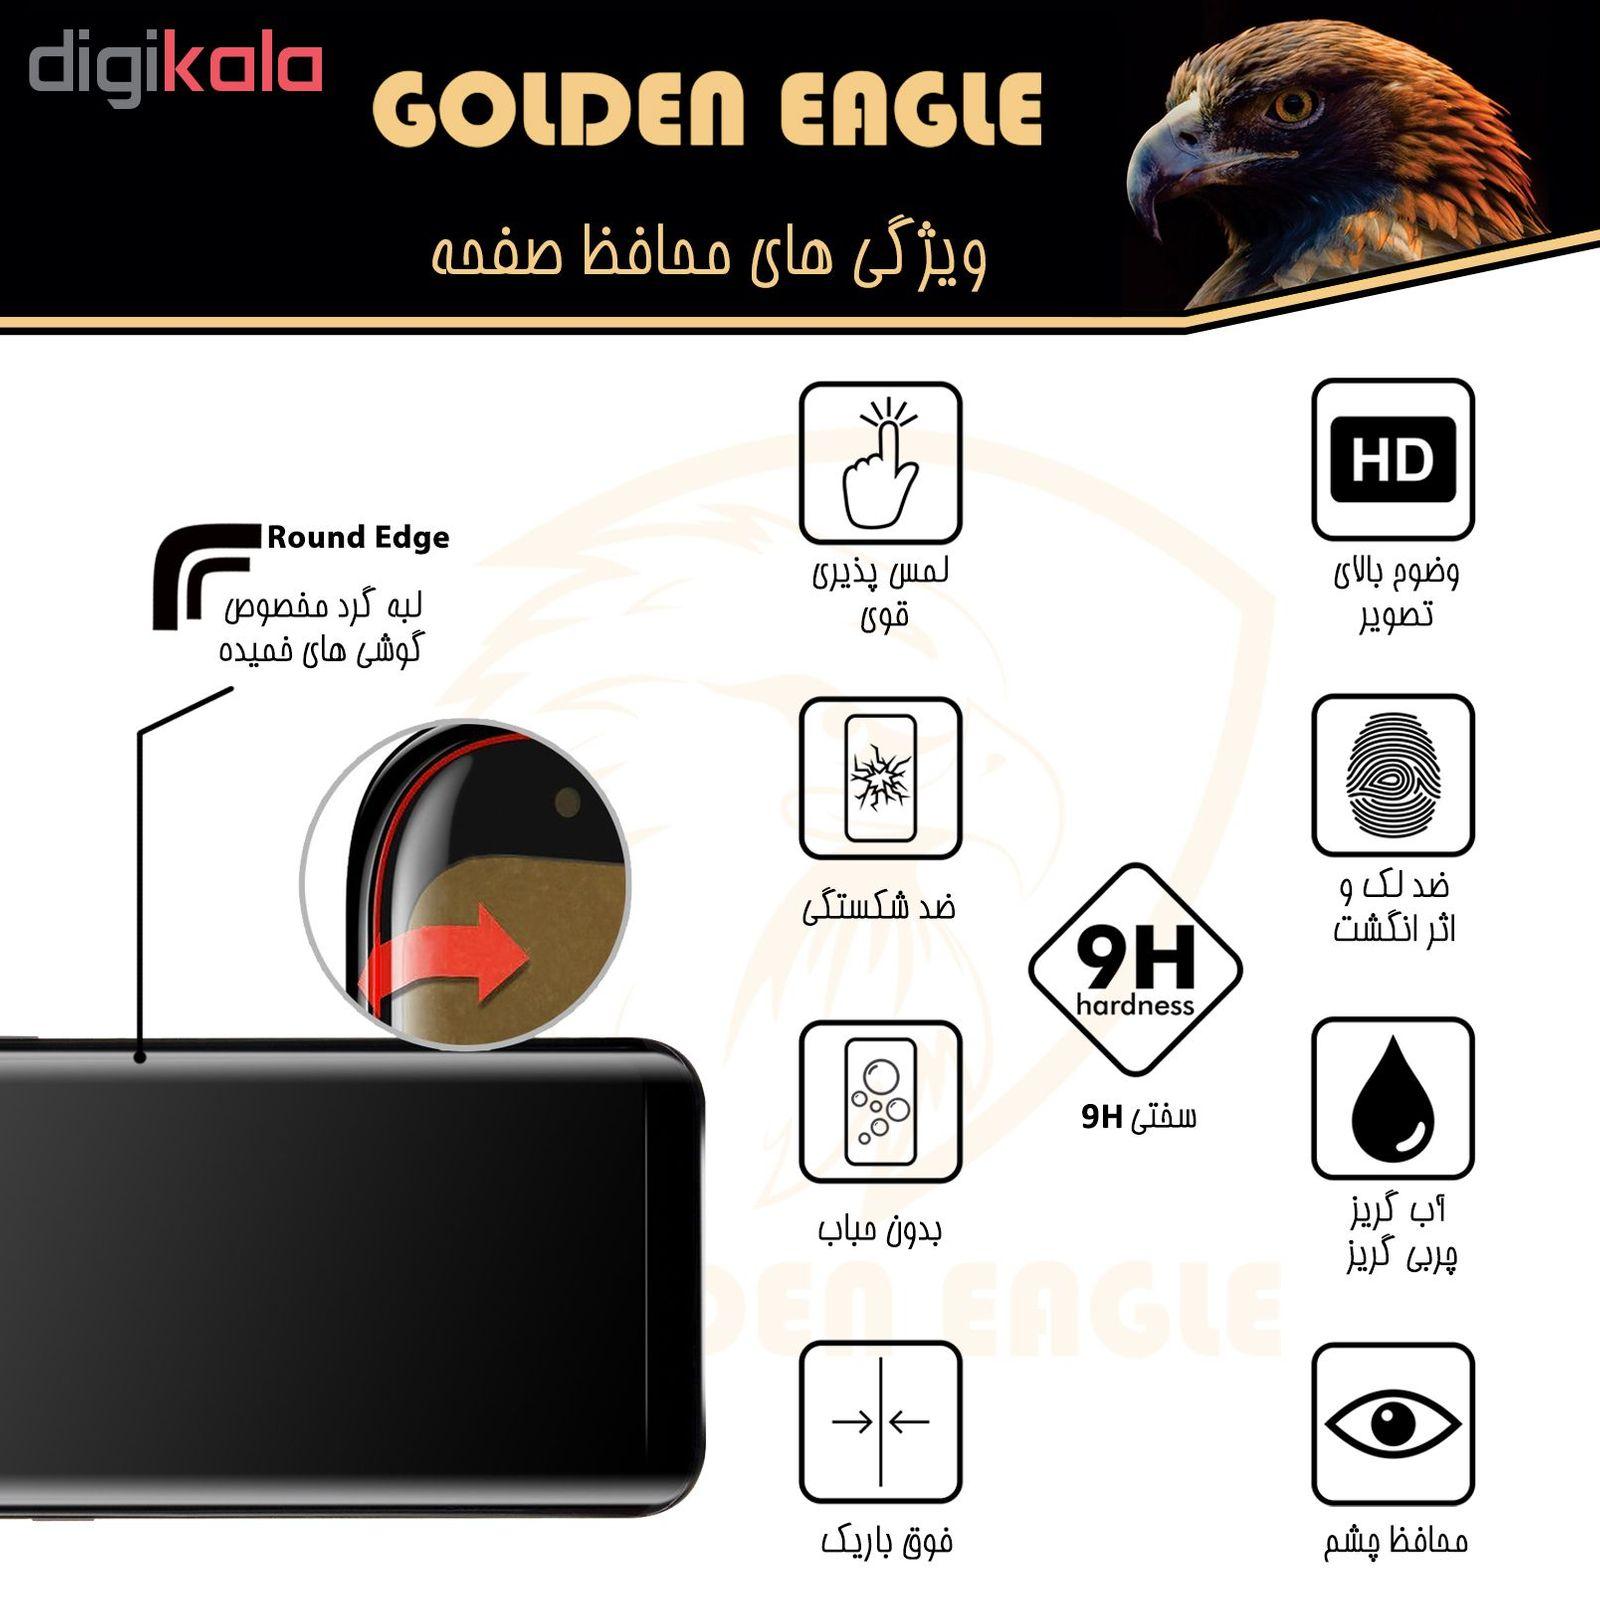 محافظ صفحه نمایش گلدن ایگل مدل DFC-X3 مناسب برای گوشی موبایل سامسونگ Galaxy Note 10 Plus بسته سه عددی main 1 3